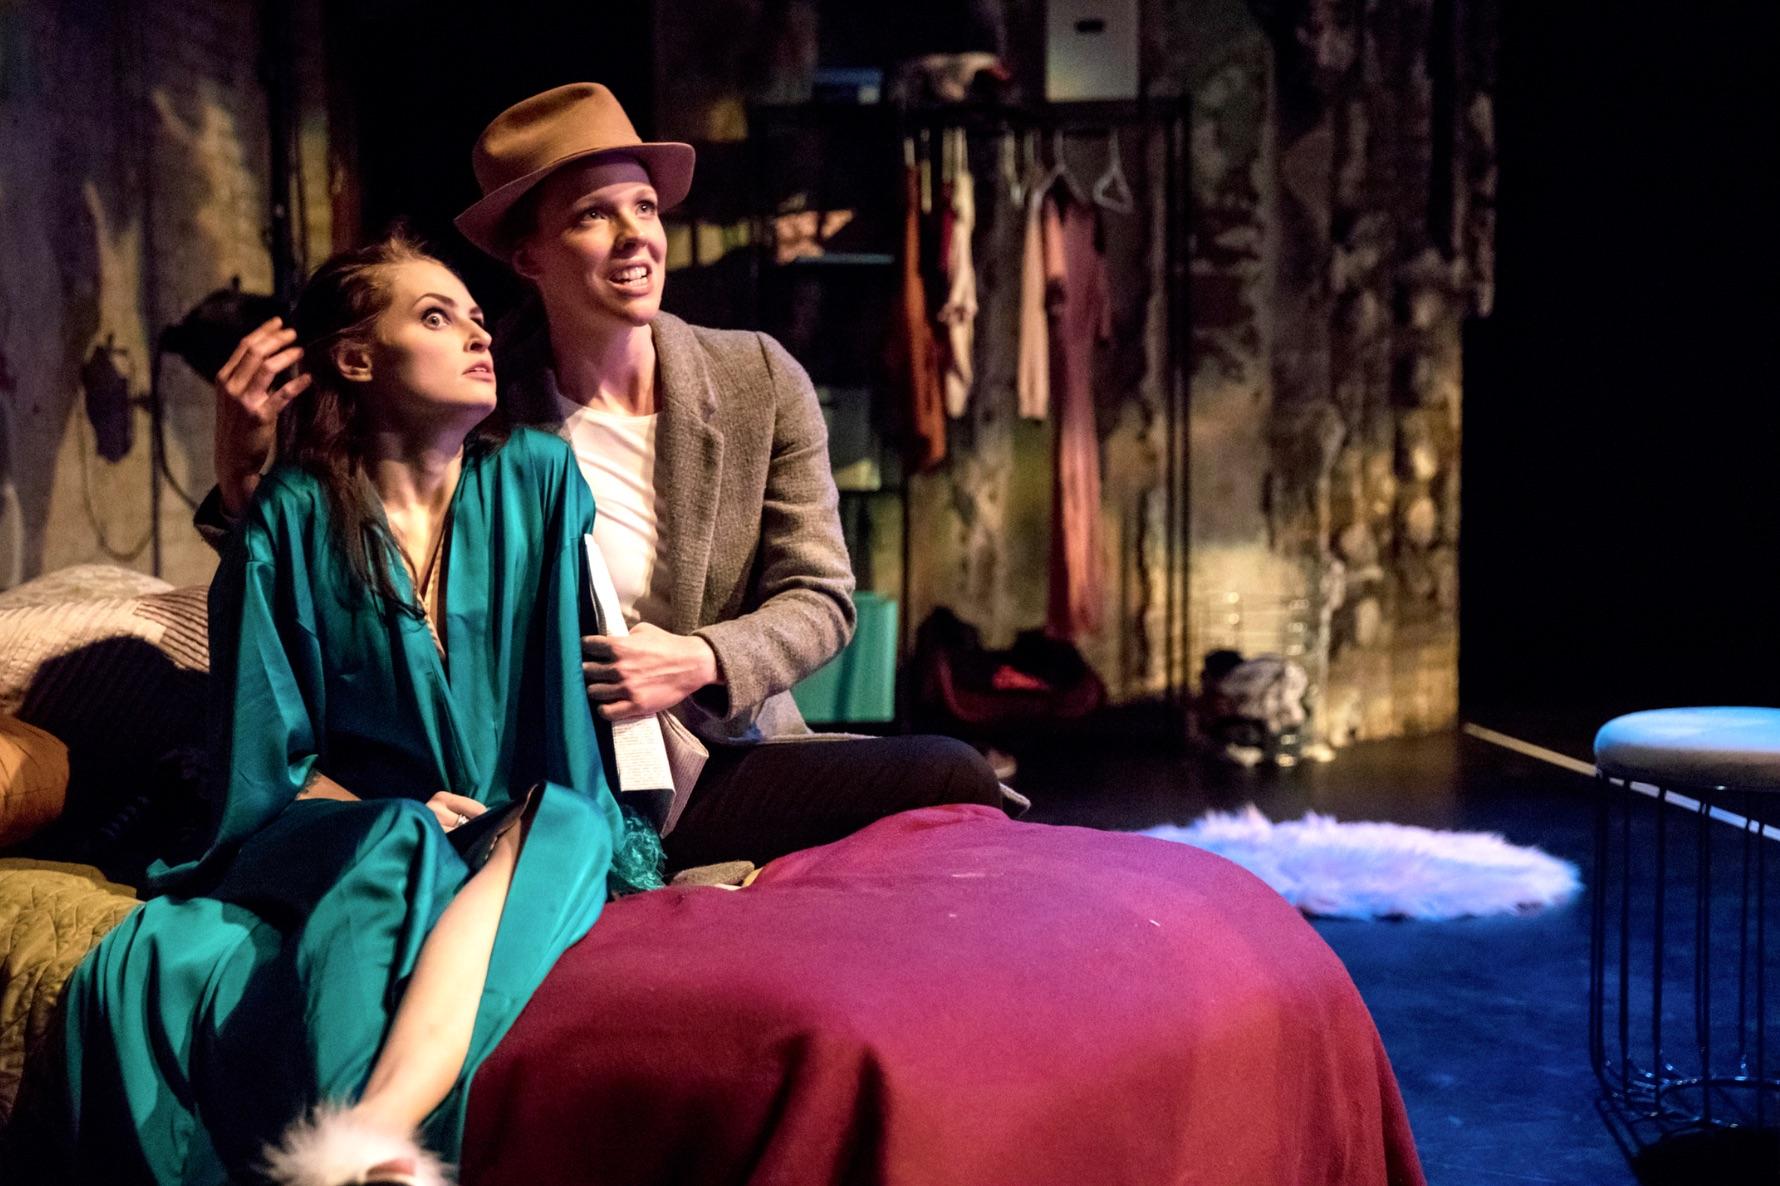 a new play by Theatre Corrobora